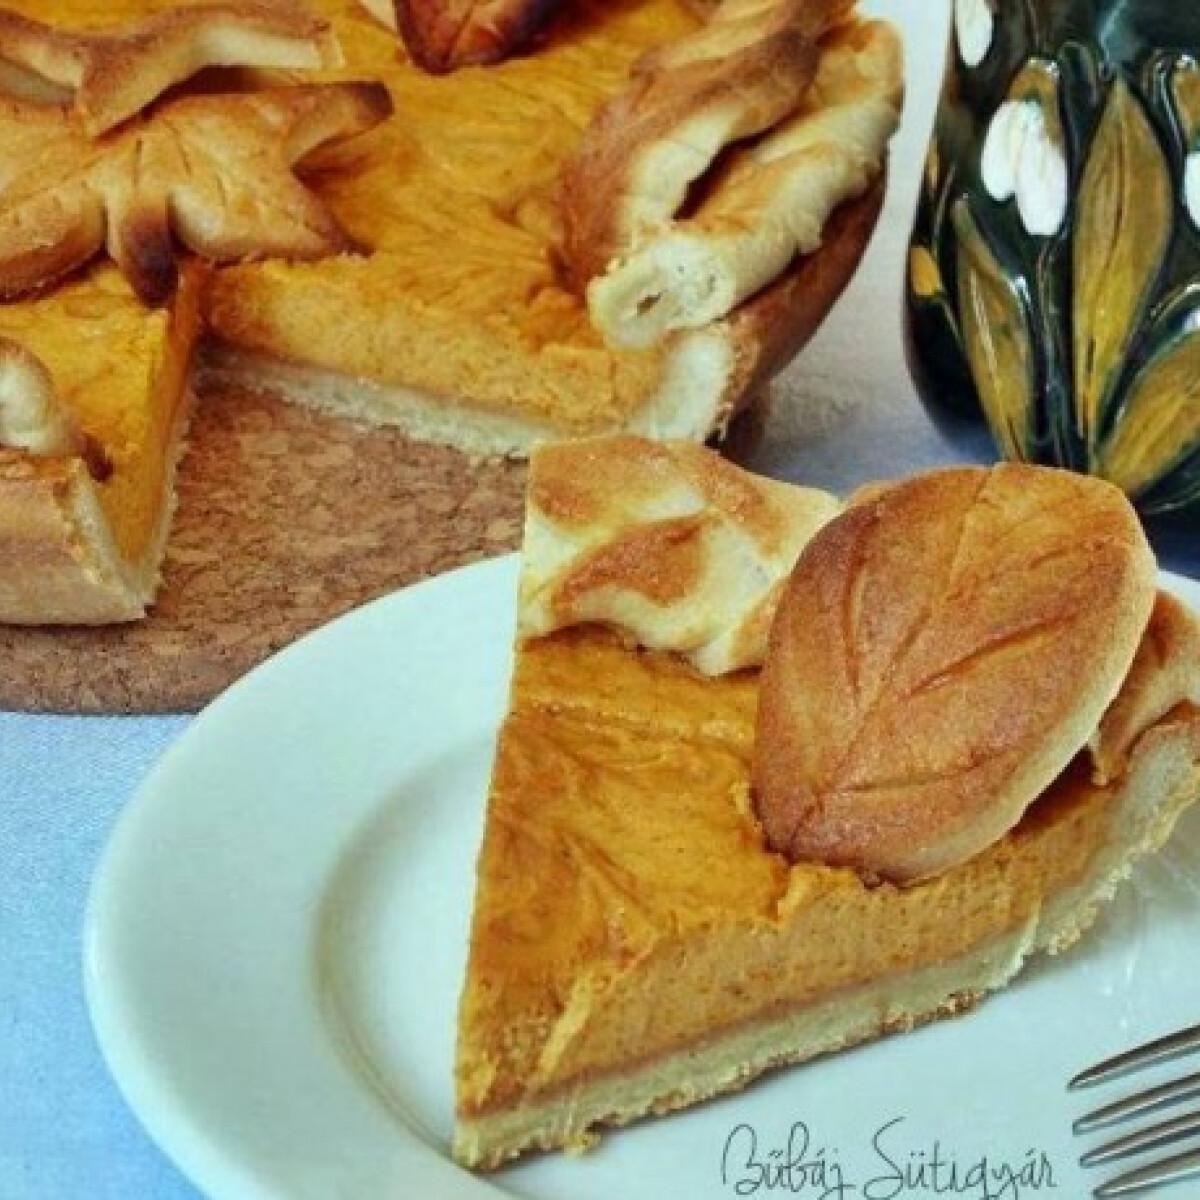 Sütőtökös pite Bűbáj Sütigyár konyhájából